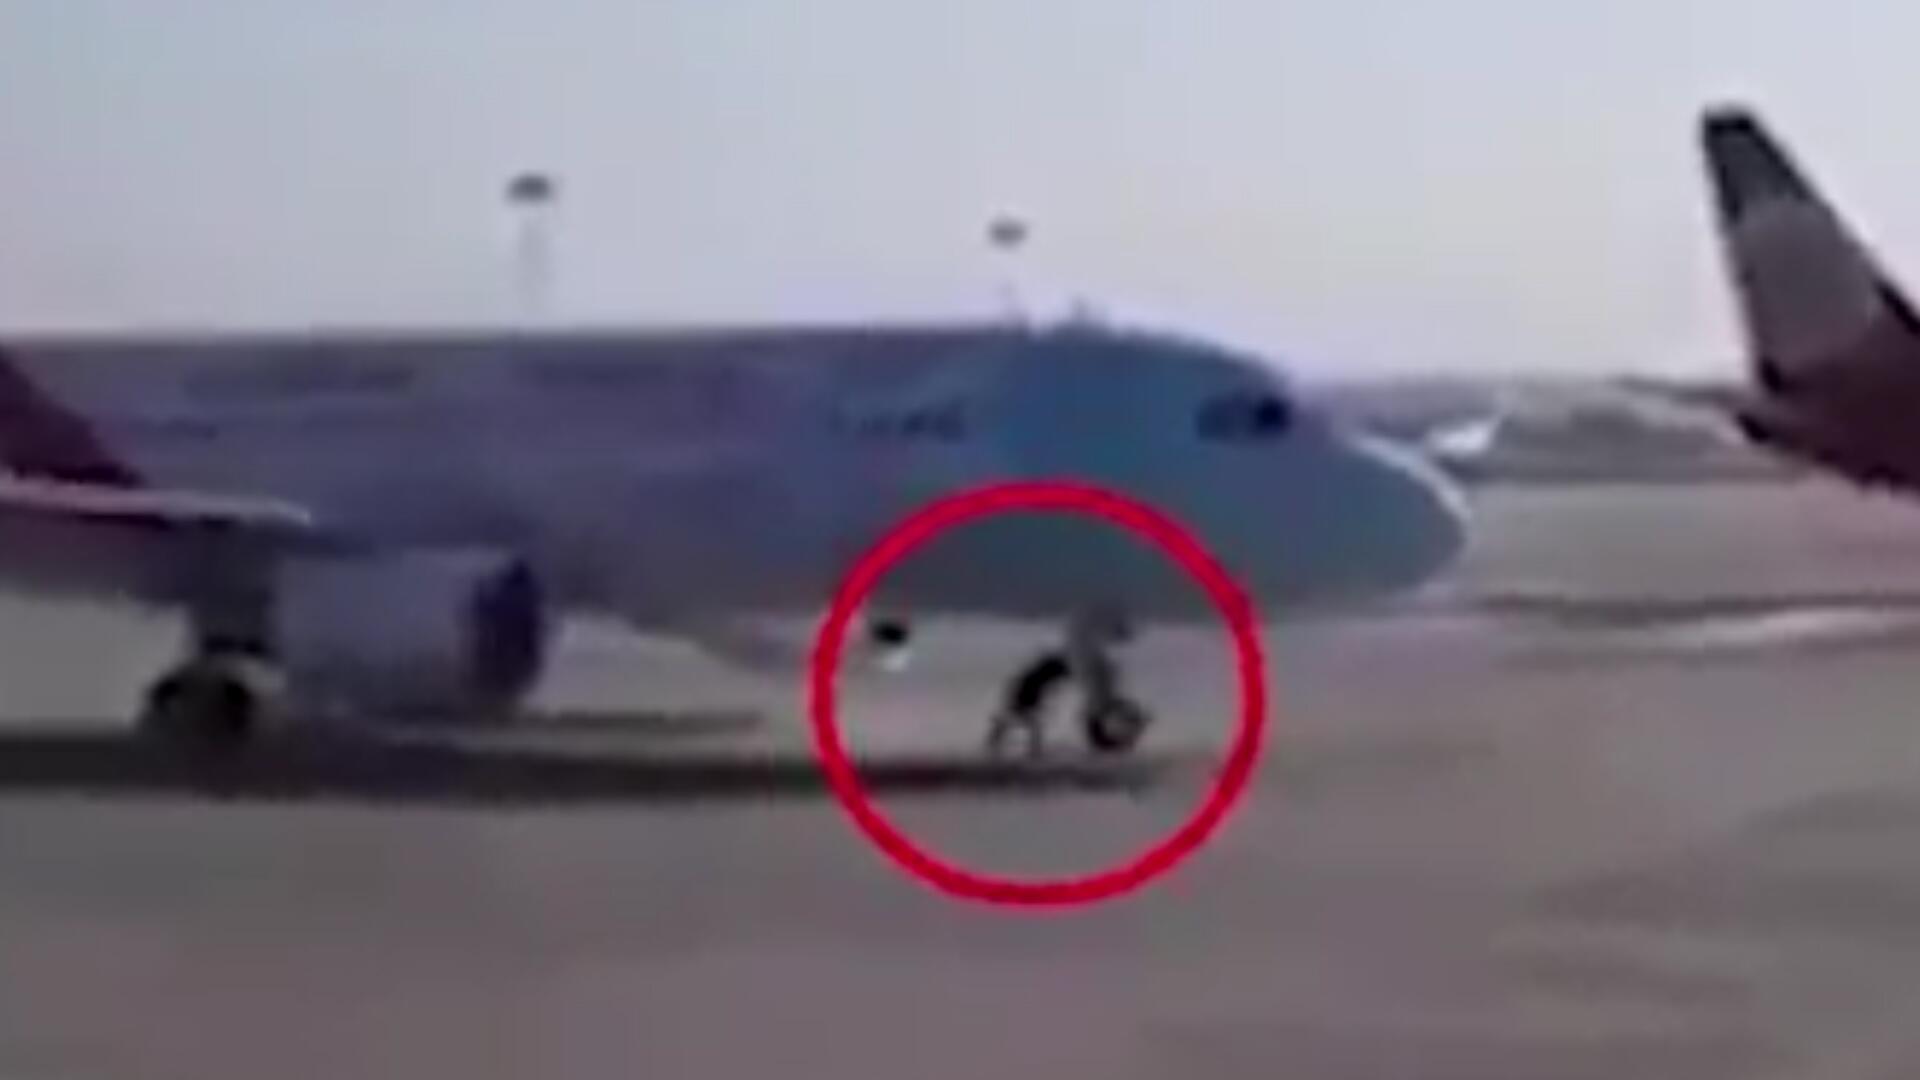 Bild zu China: Flughafen-Mitarbeiter stoppt rollende Airbus-Maschine mit bloßen Händen